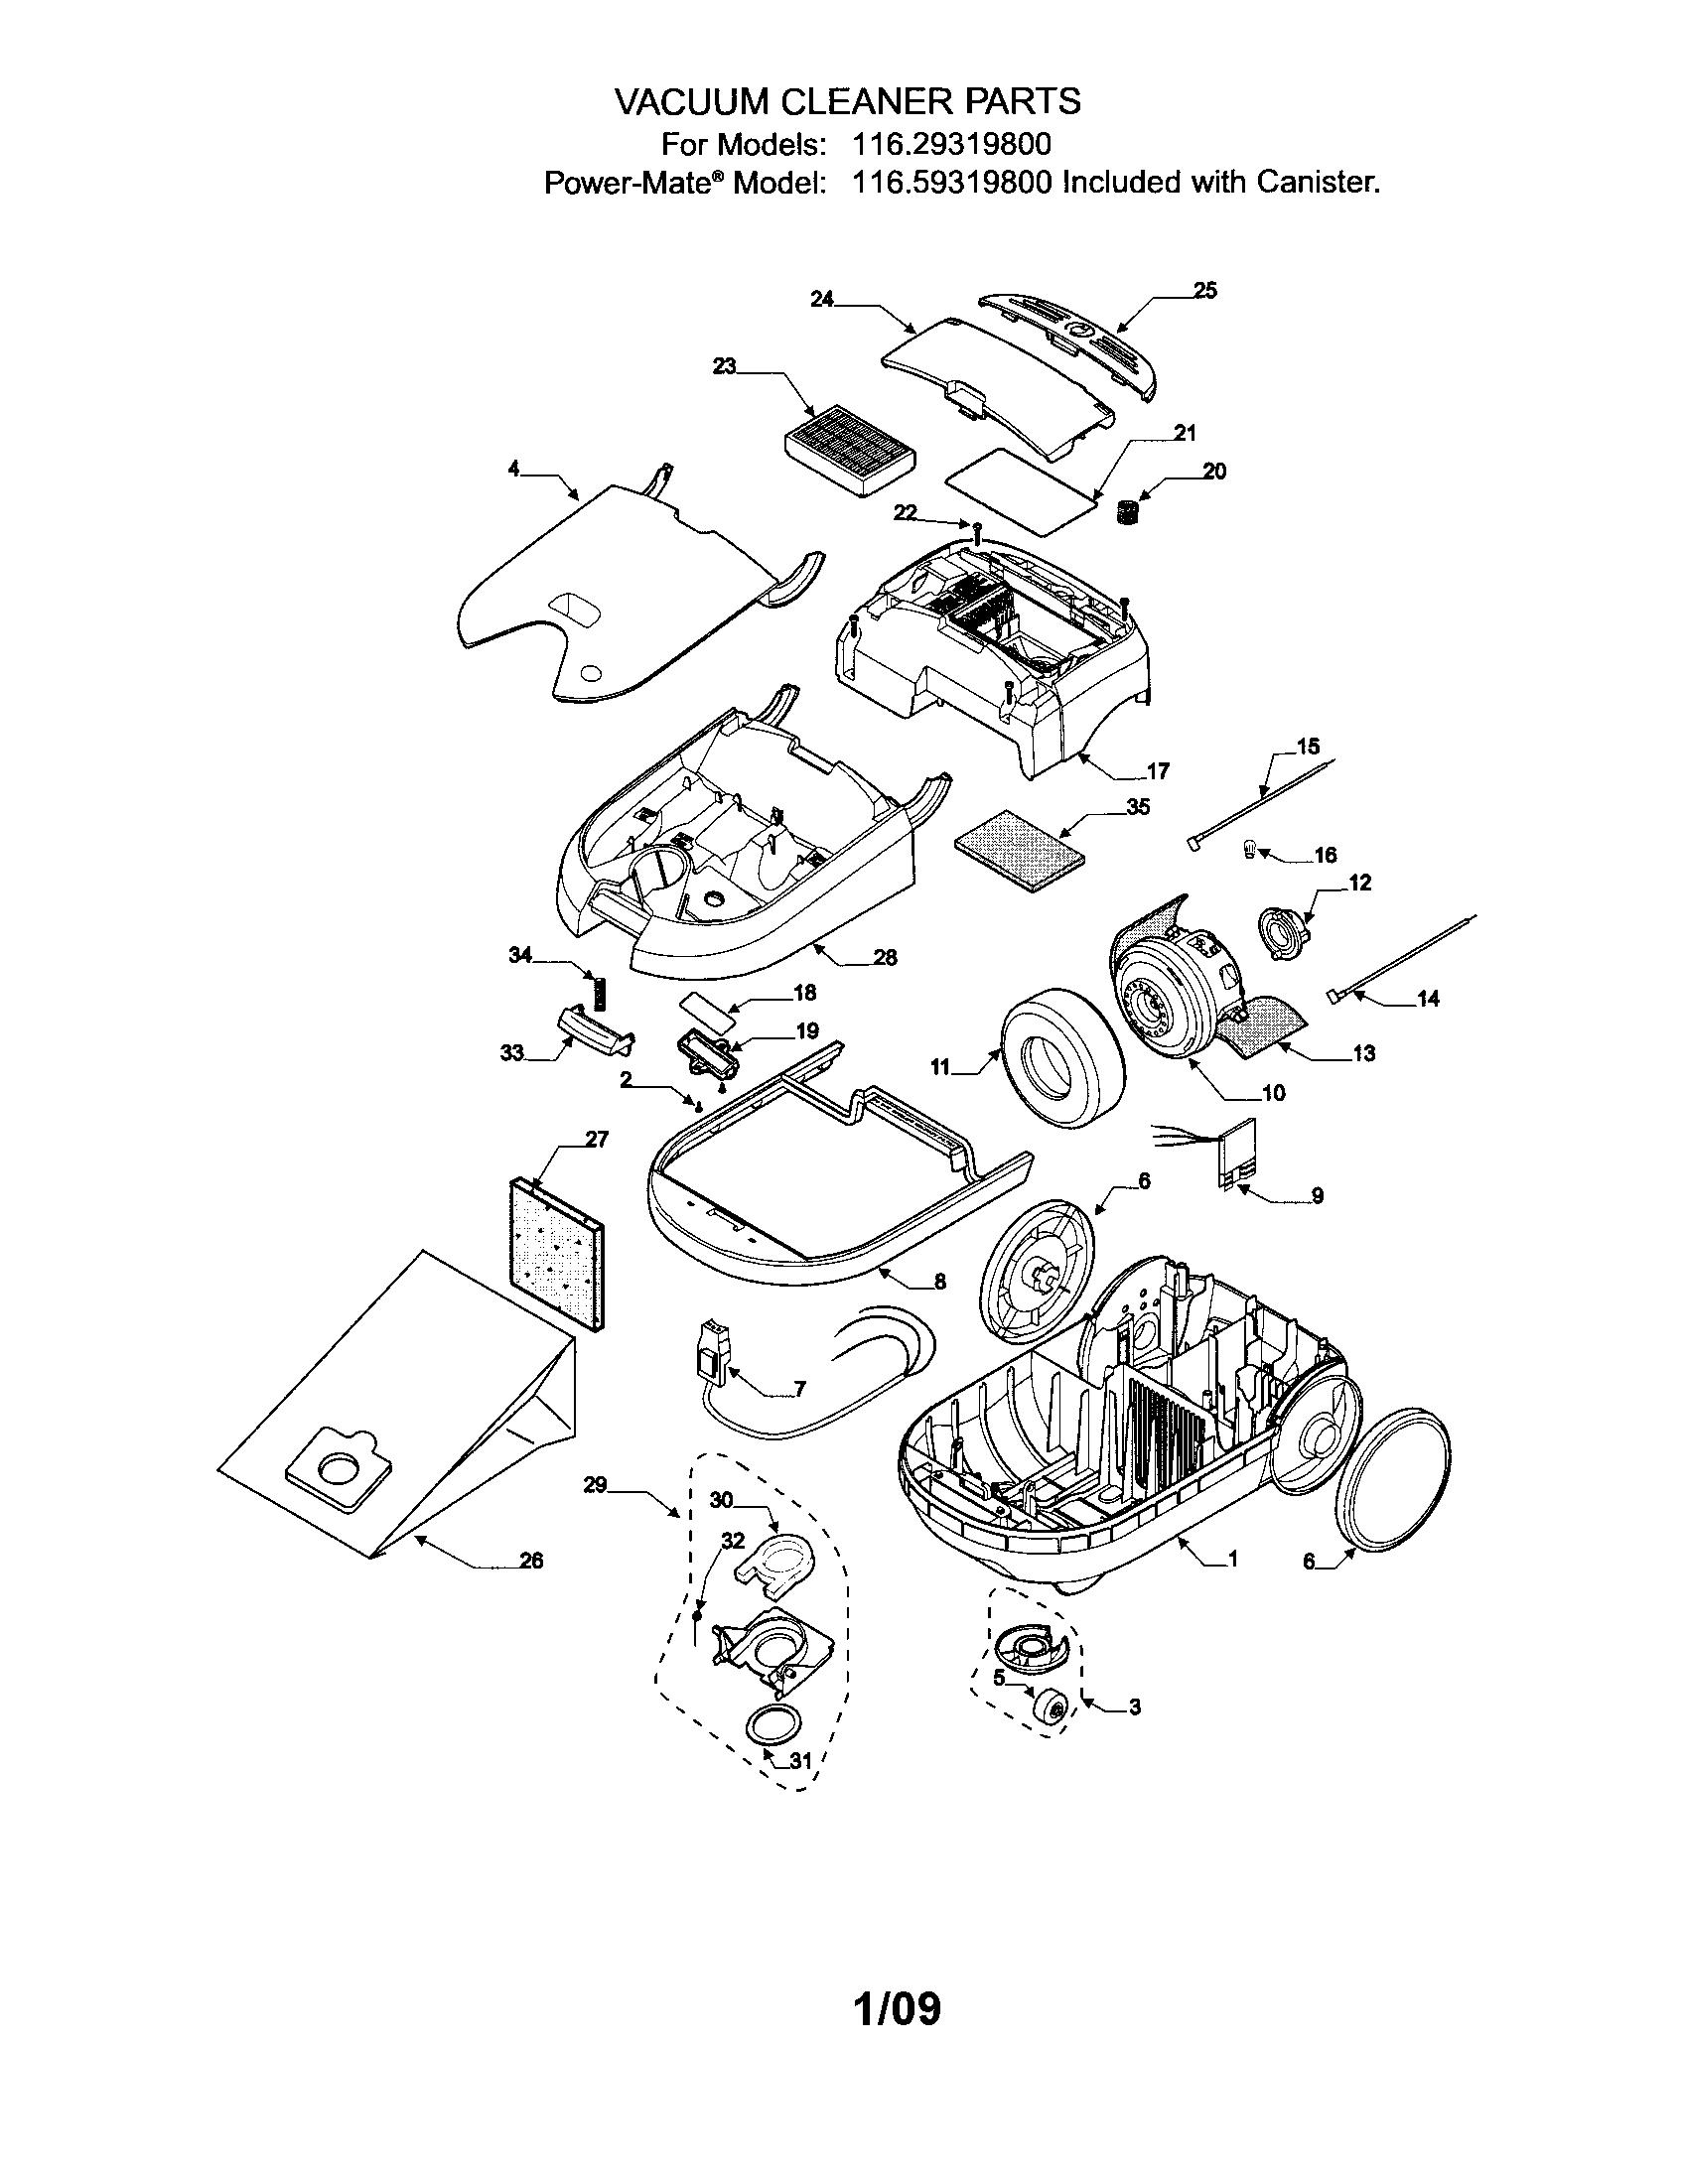 Kenmore Vacuum Cleaner Manuals